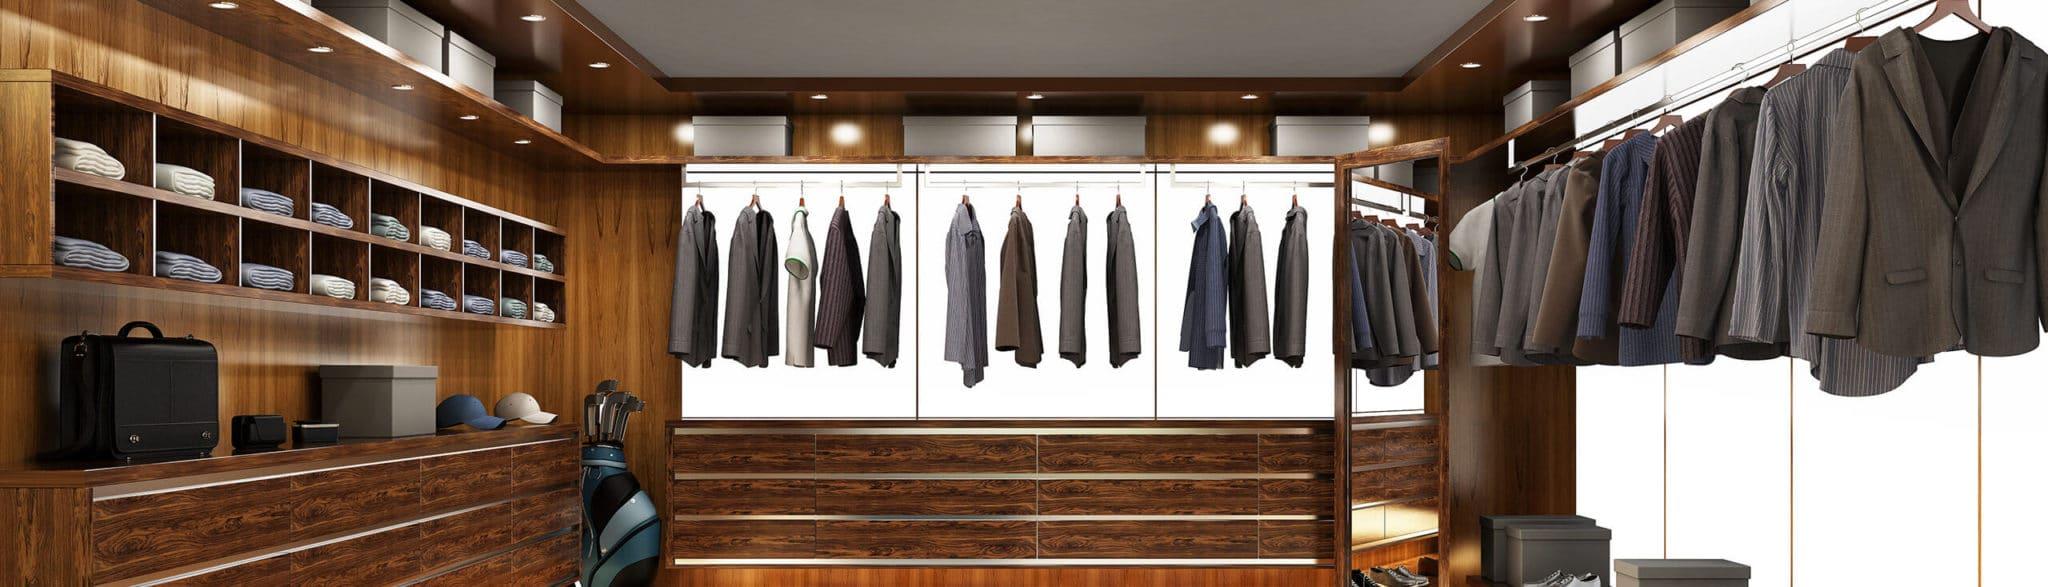 Vestidor para hombre y mujer - muebles de hogar en Madrid